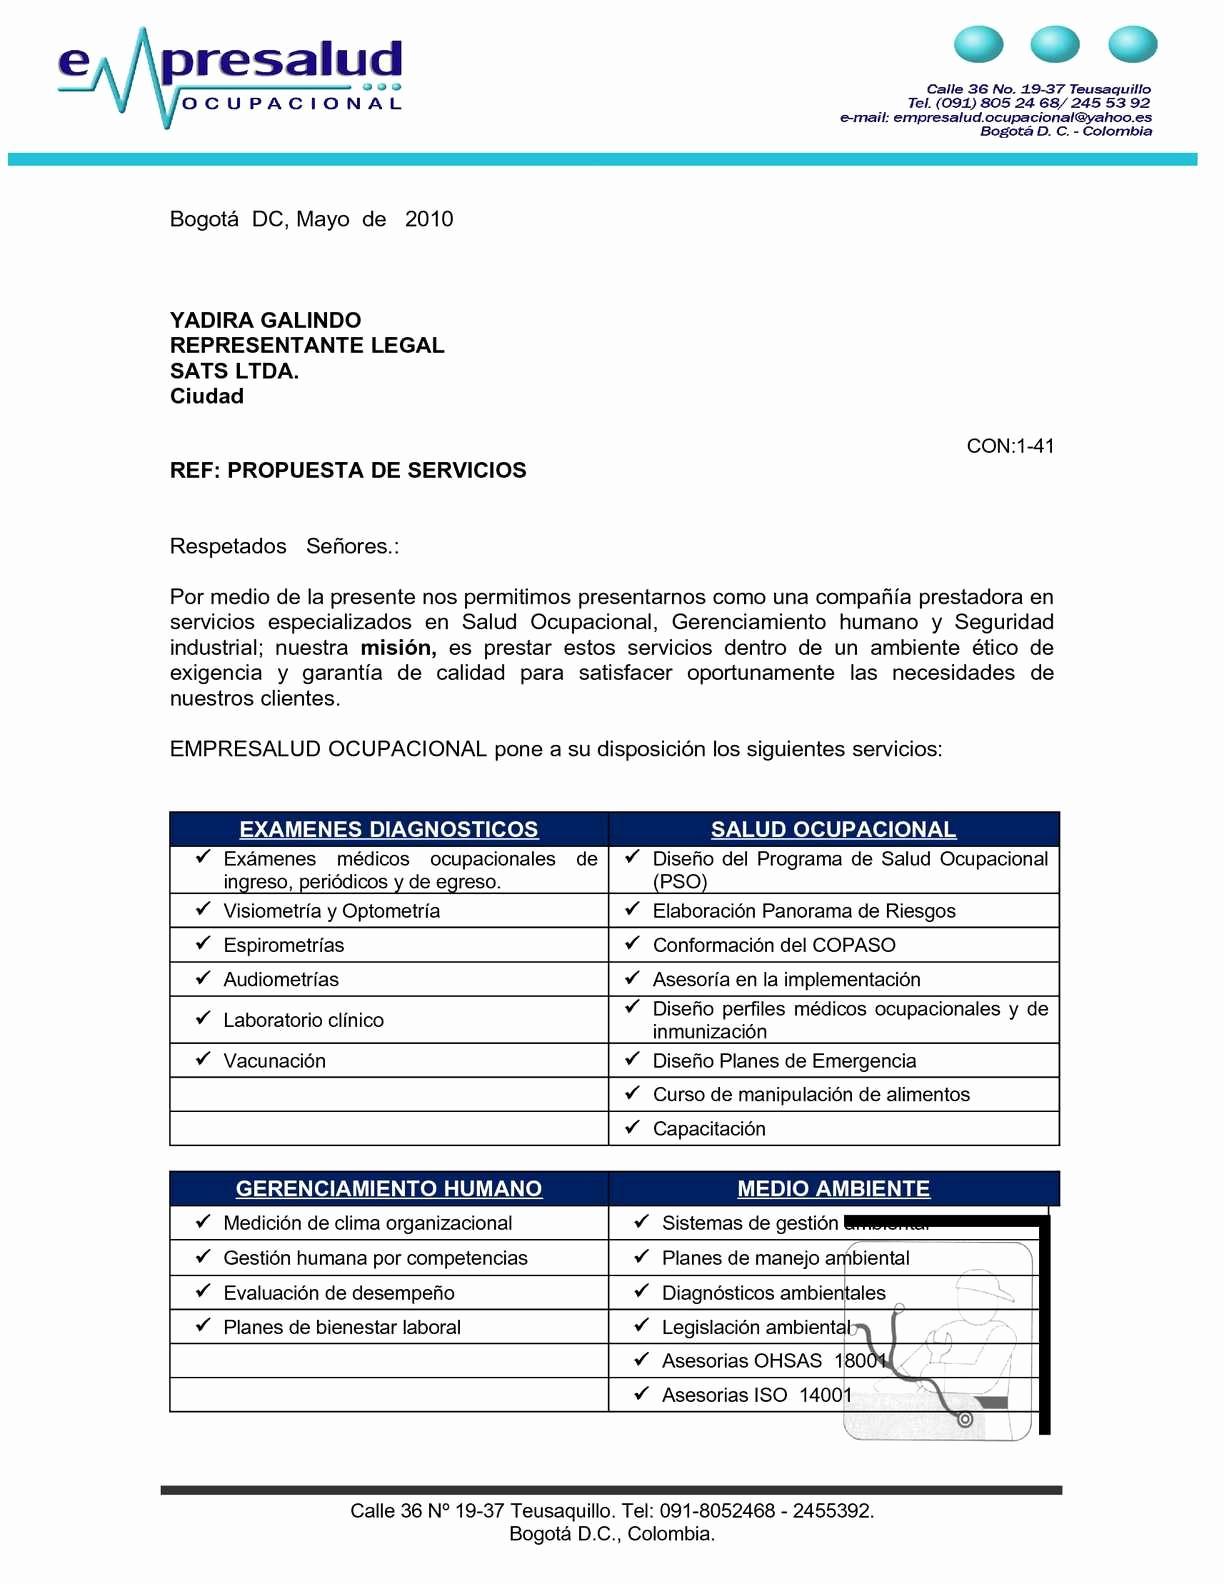 Formatos Para Cotizaciones O Presupuestos New Calaméo Ejemplo Propuesta De Servicios